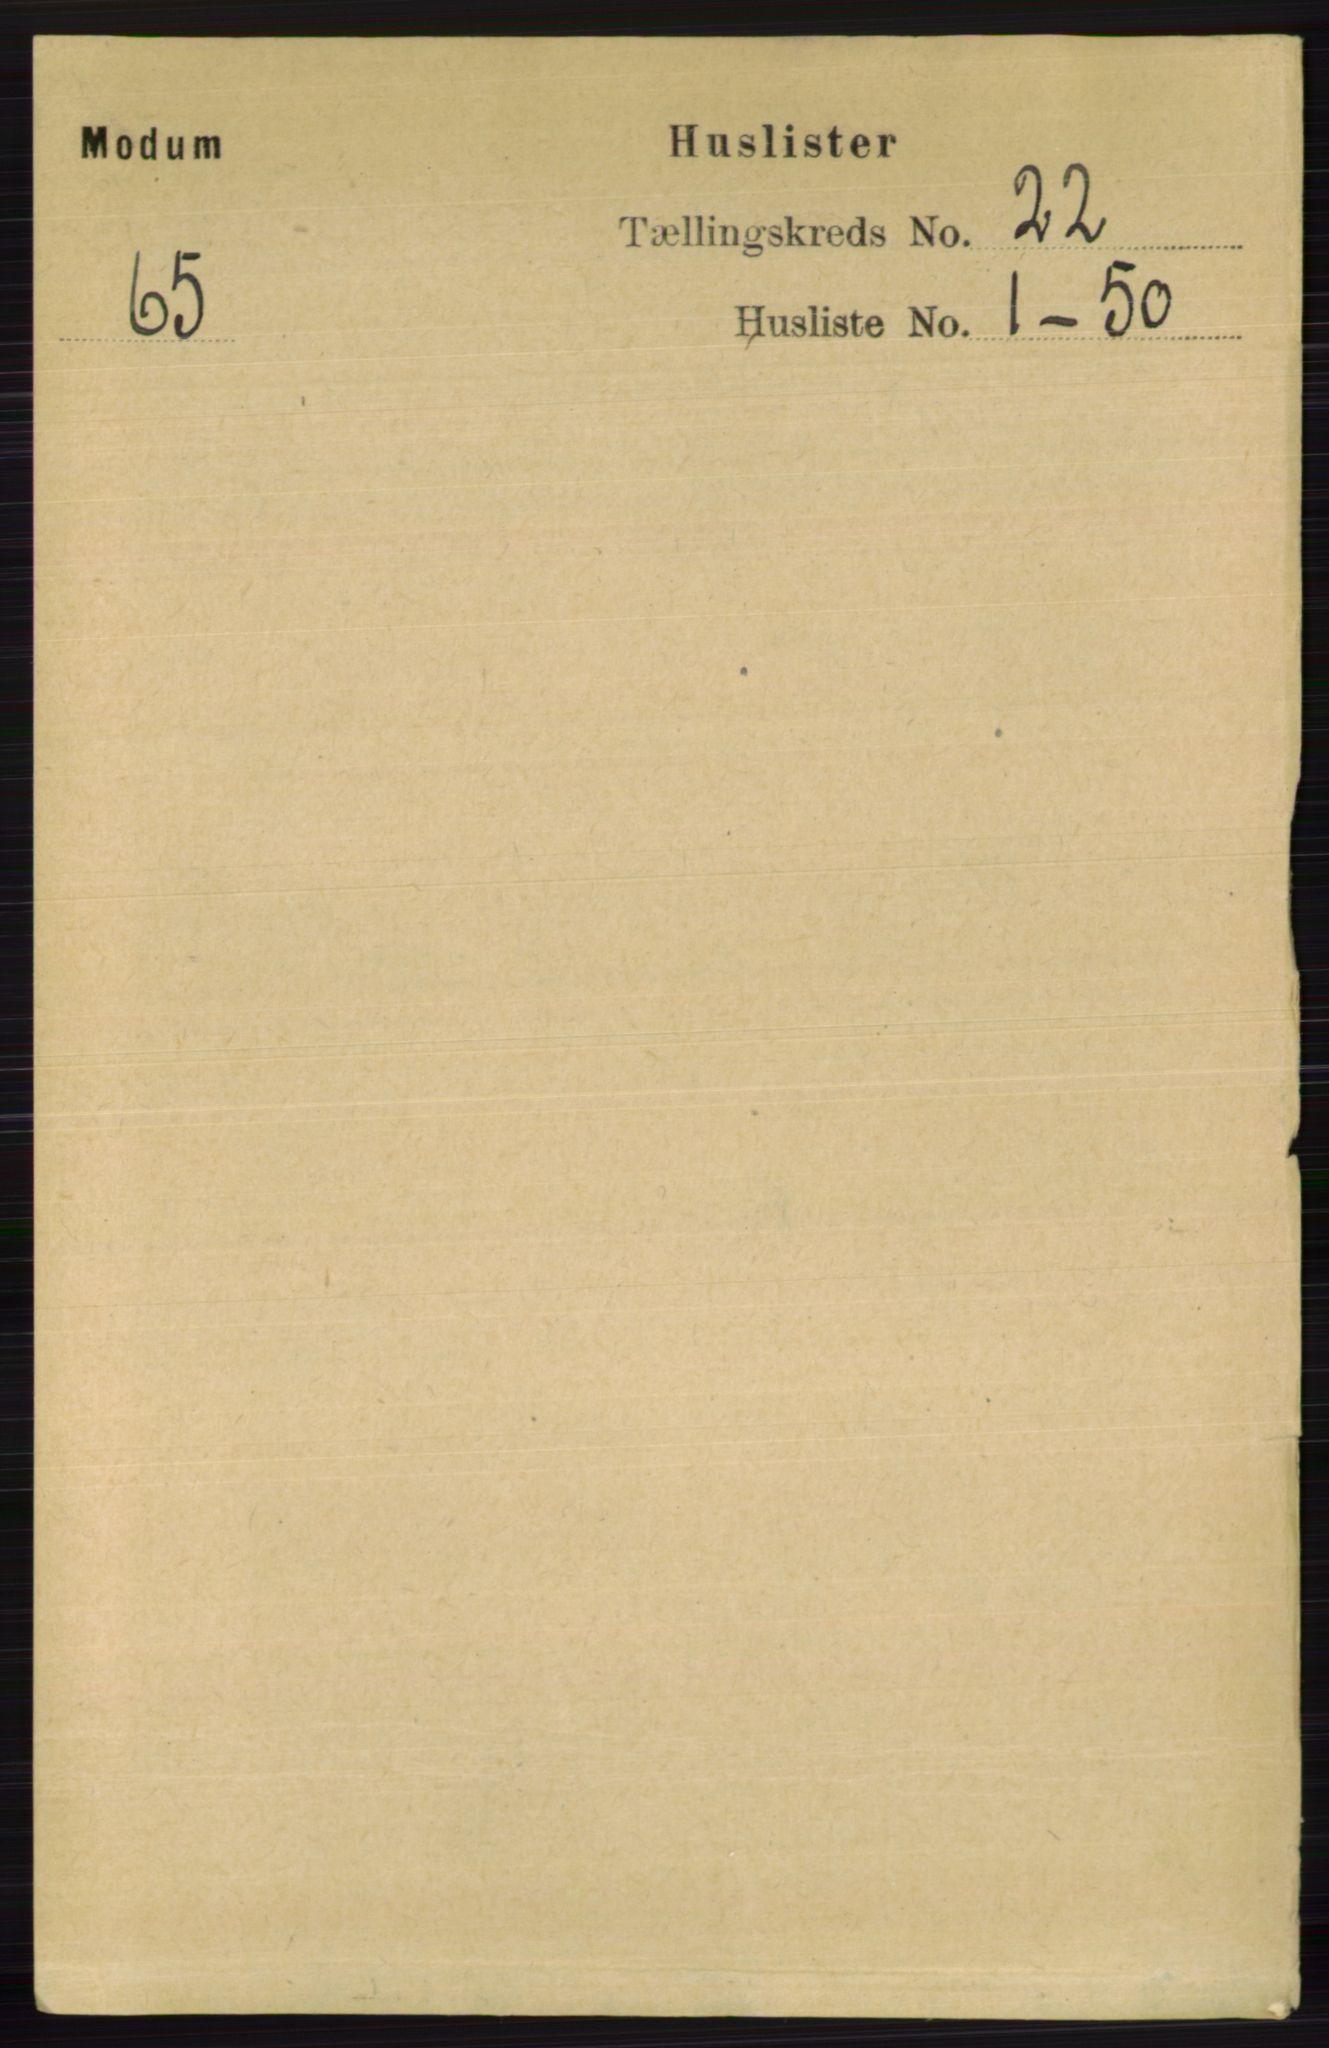 RA, Folketelling 1891 for 0623 Modum herred, 1891, s. 8336